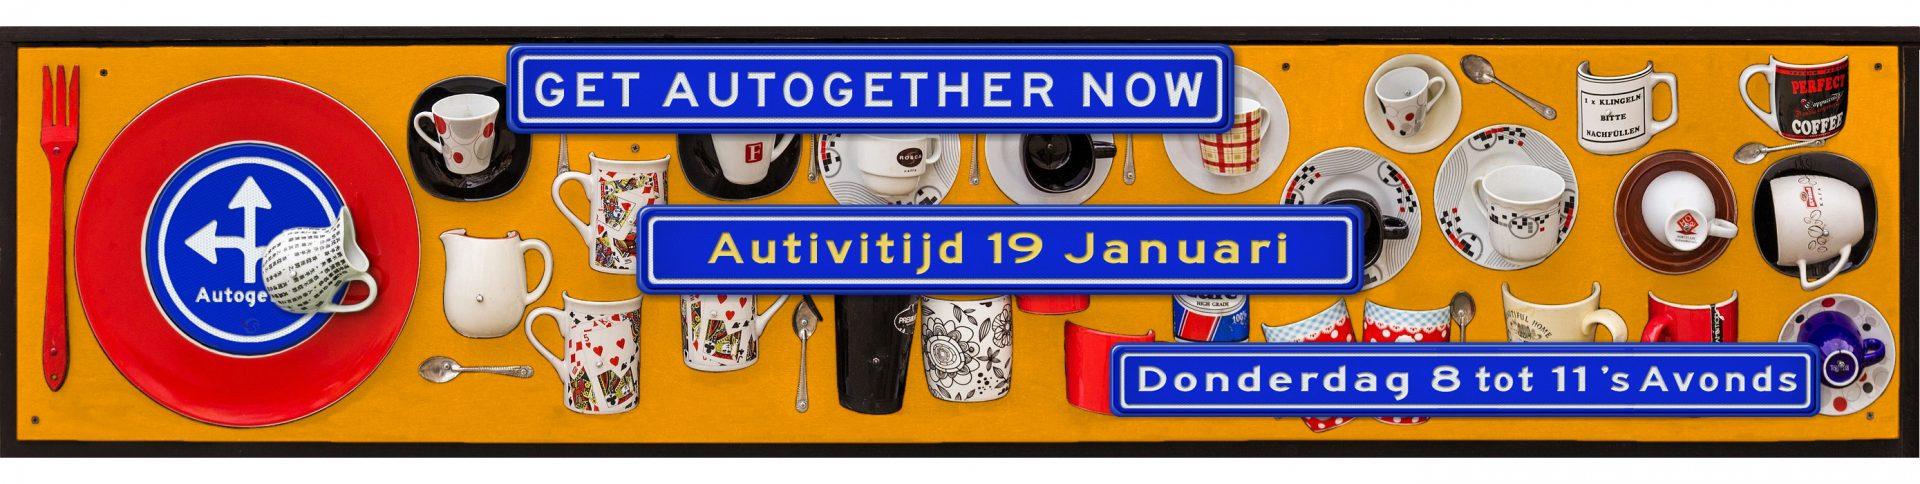 Donderdag 19 Januari van 20:00 tot 23:00 is het weer Autogether in de Tapijn